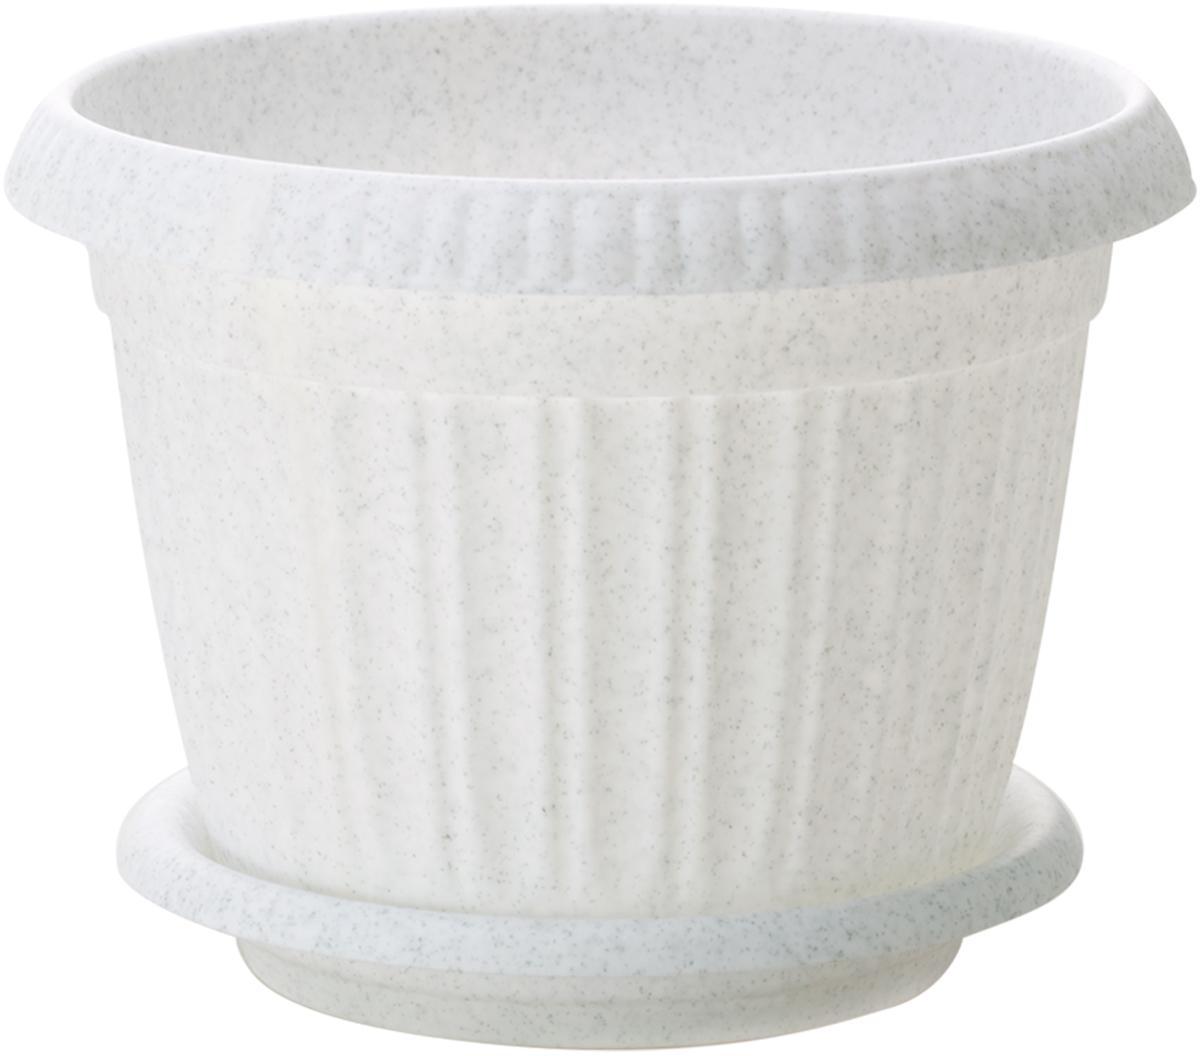 Горшок для цветов InGreen Таити, с подставкой, цвет: мраморный, диаметр 23 см поддон для балконного ящика ingreen цвет белый длина 60 см